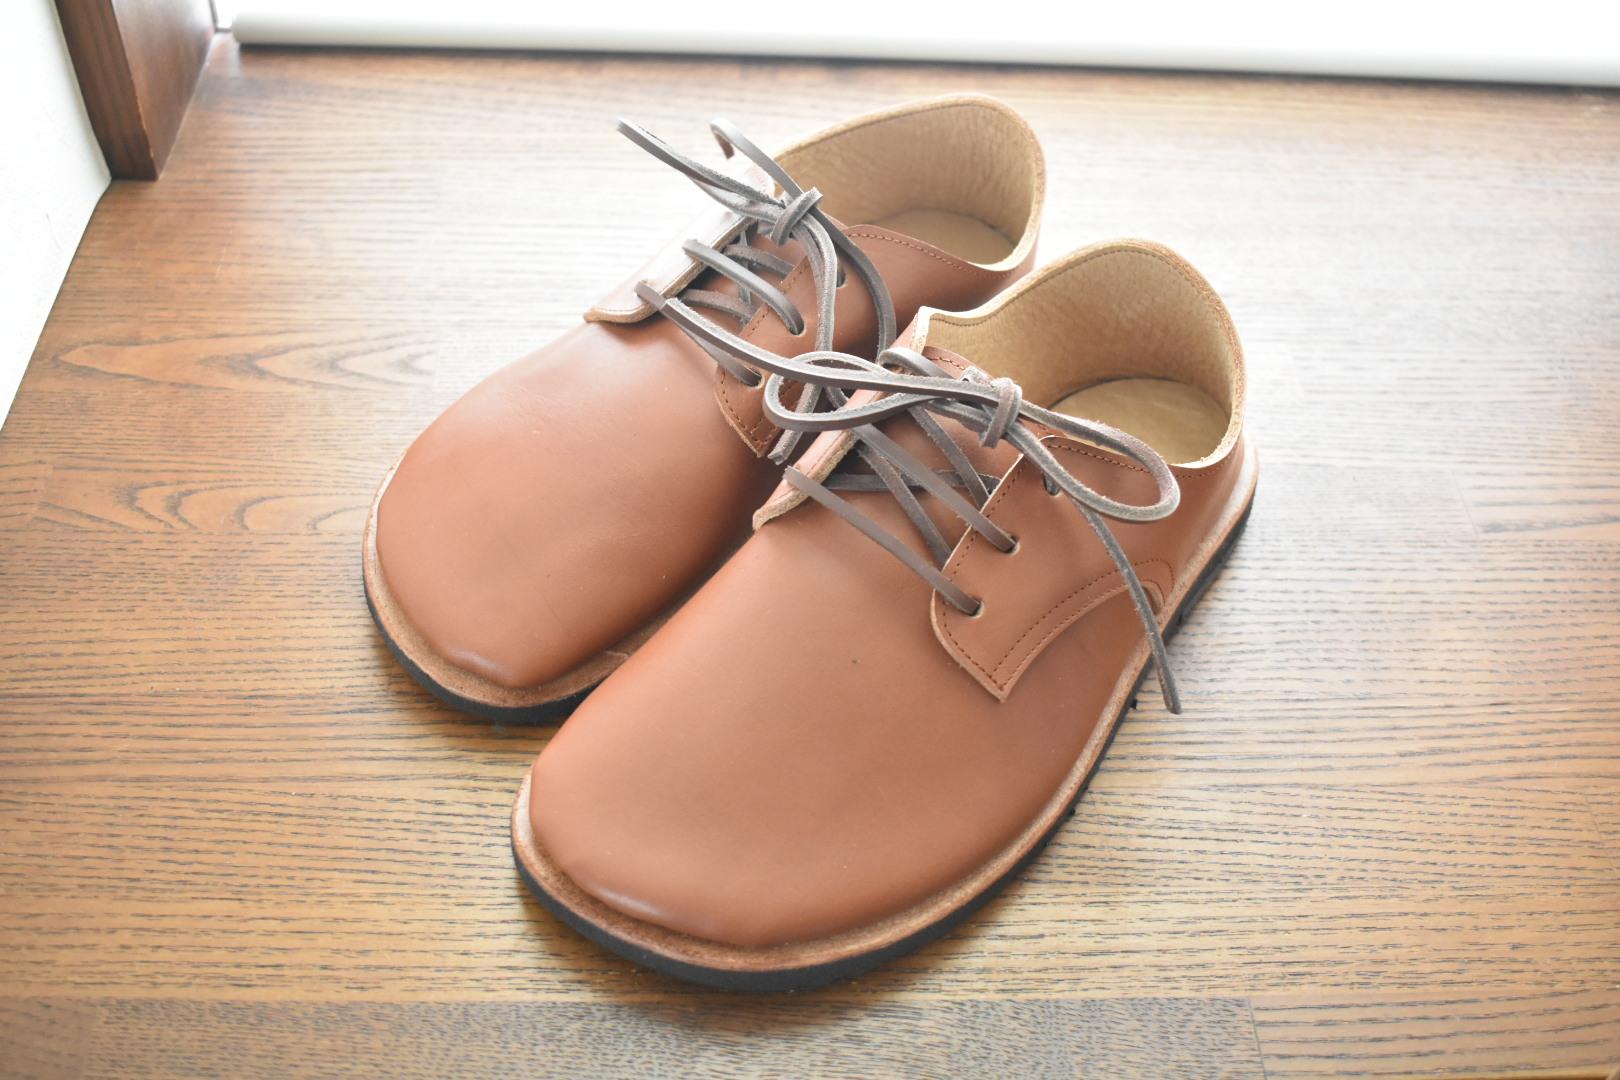 ふくろ縫いのひも靴 くるみ色